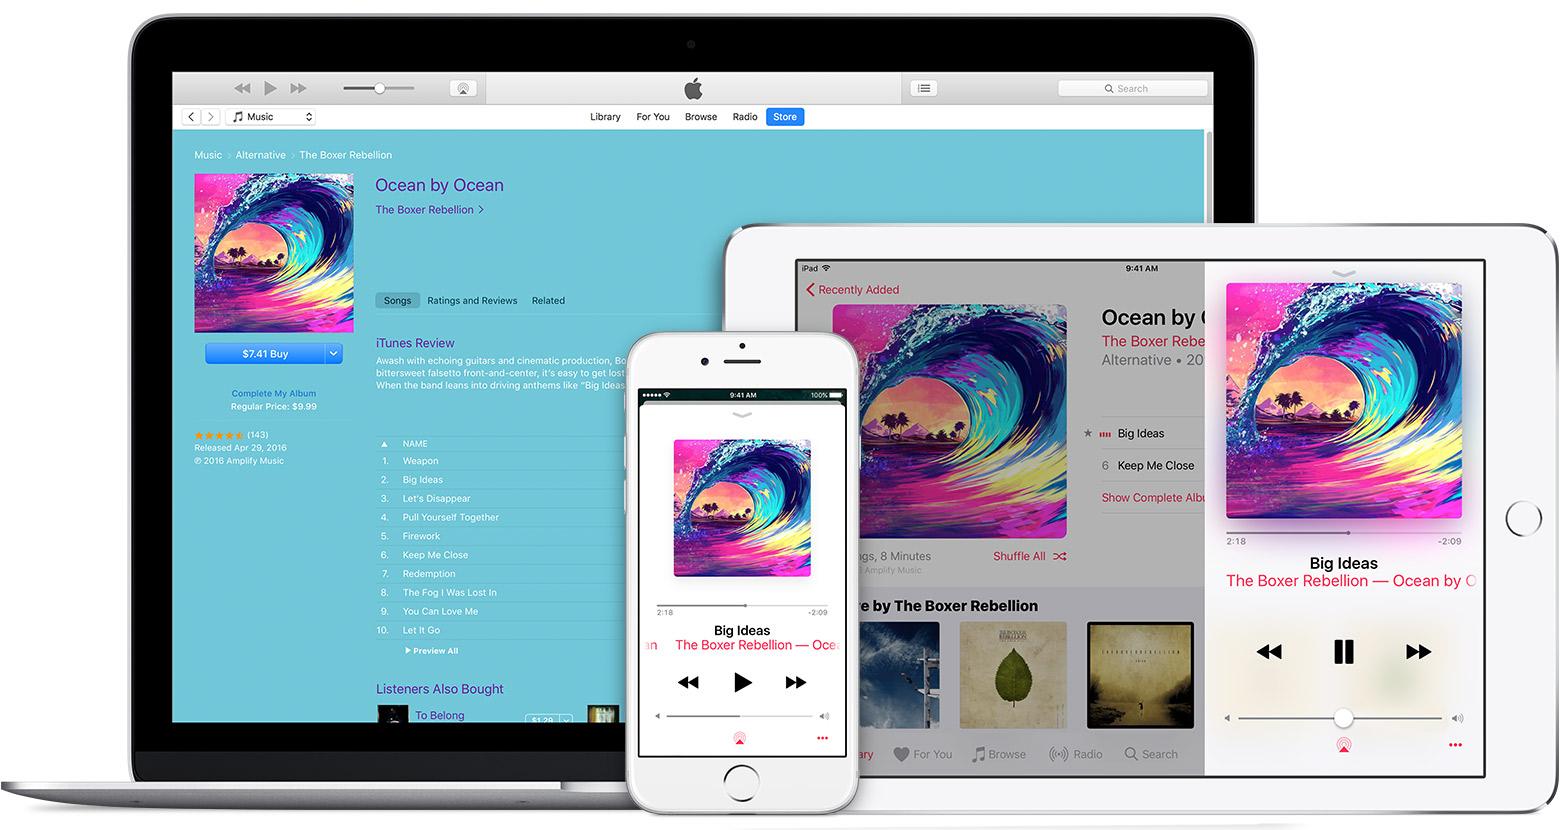 5 ventajas de elegir Apple Music: experiencia de 1 año suscrito